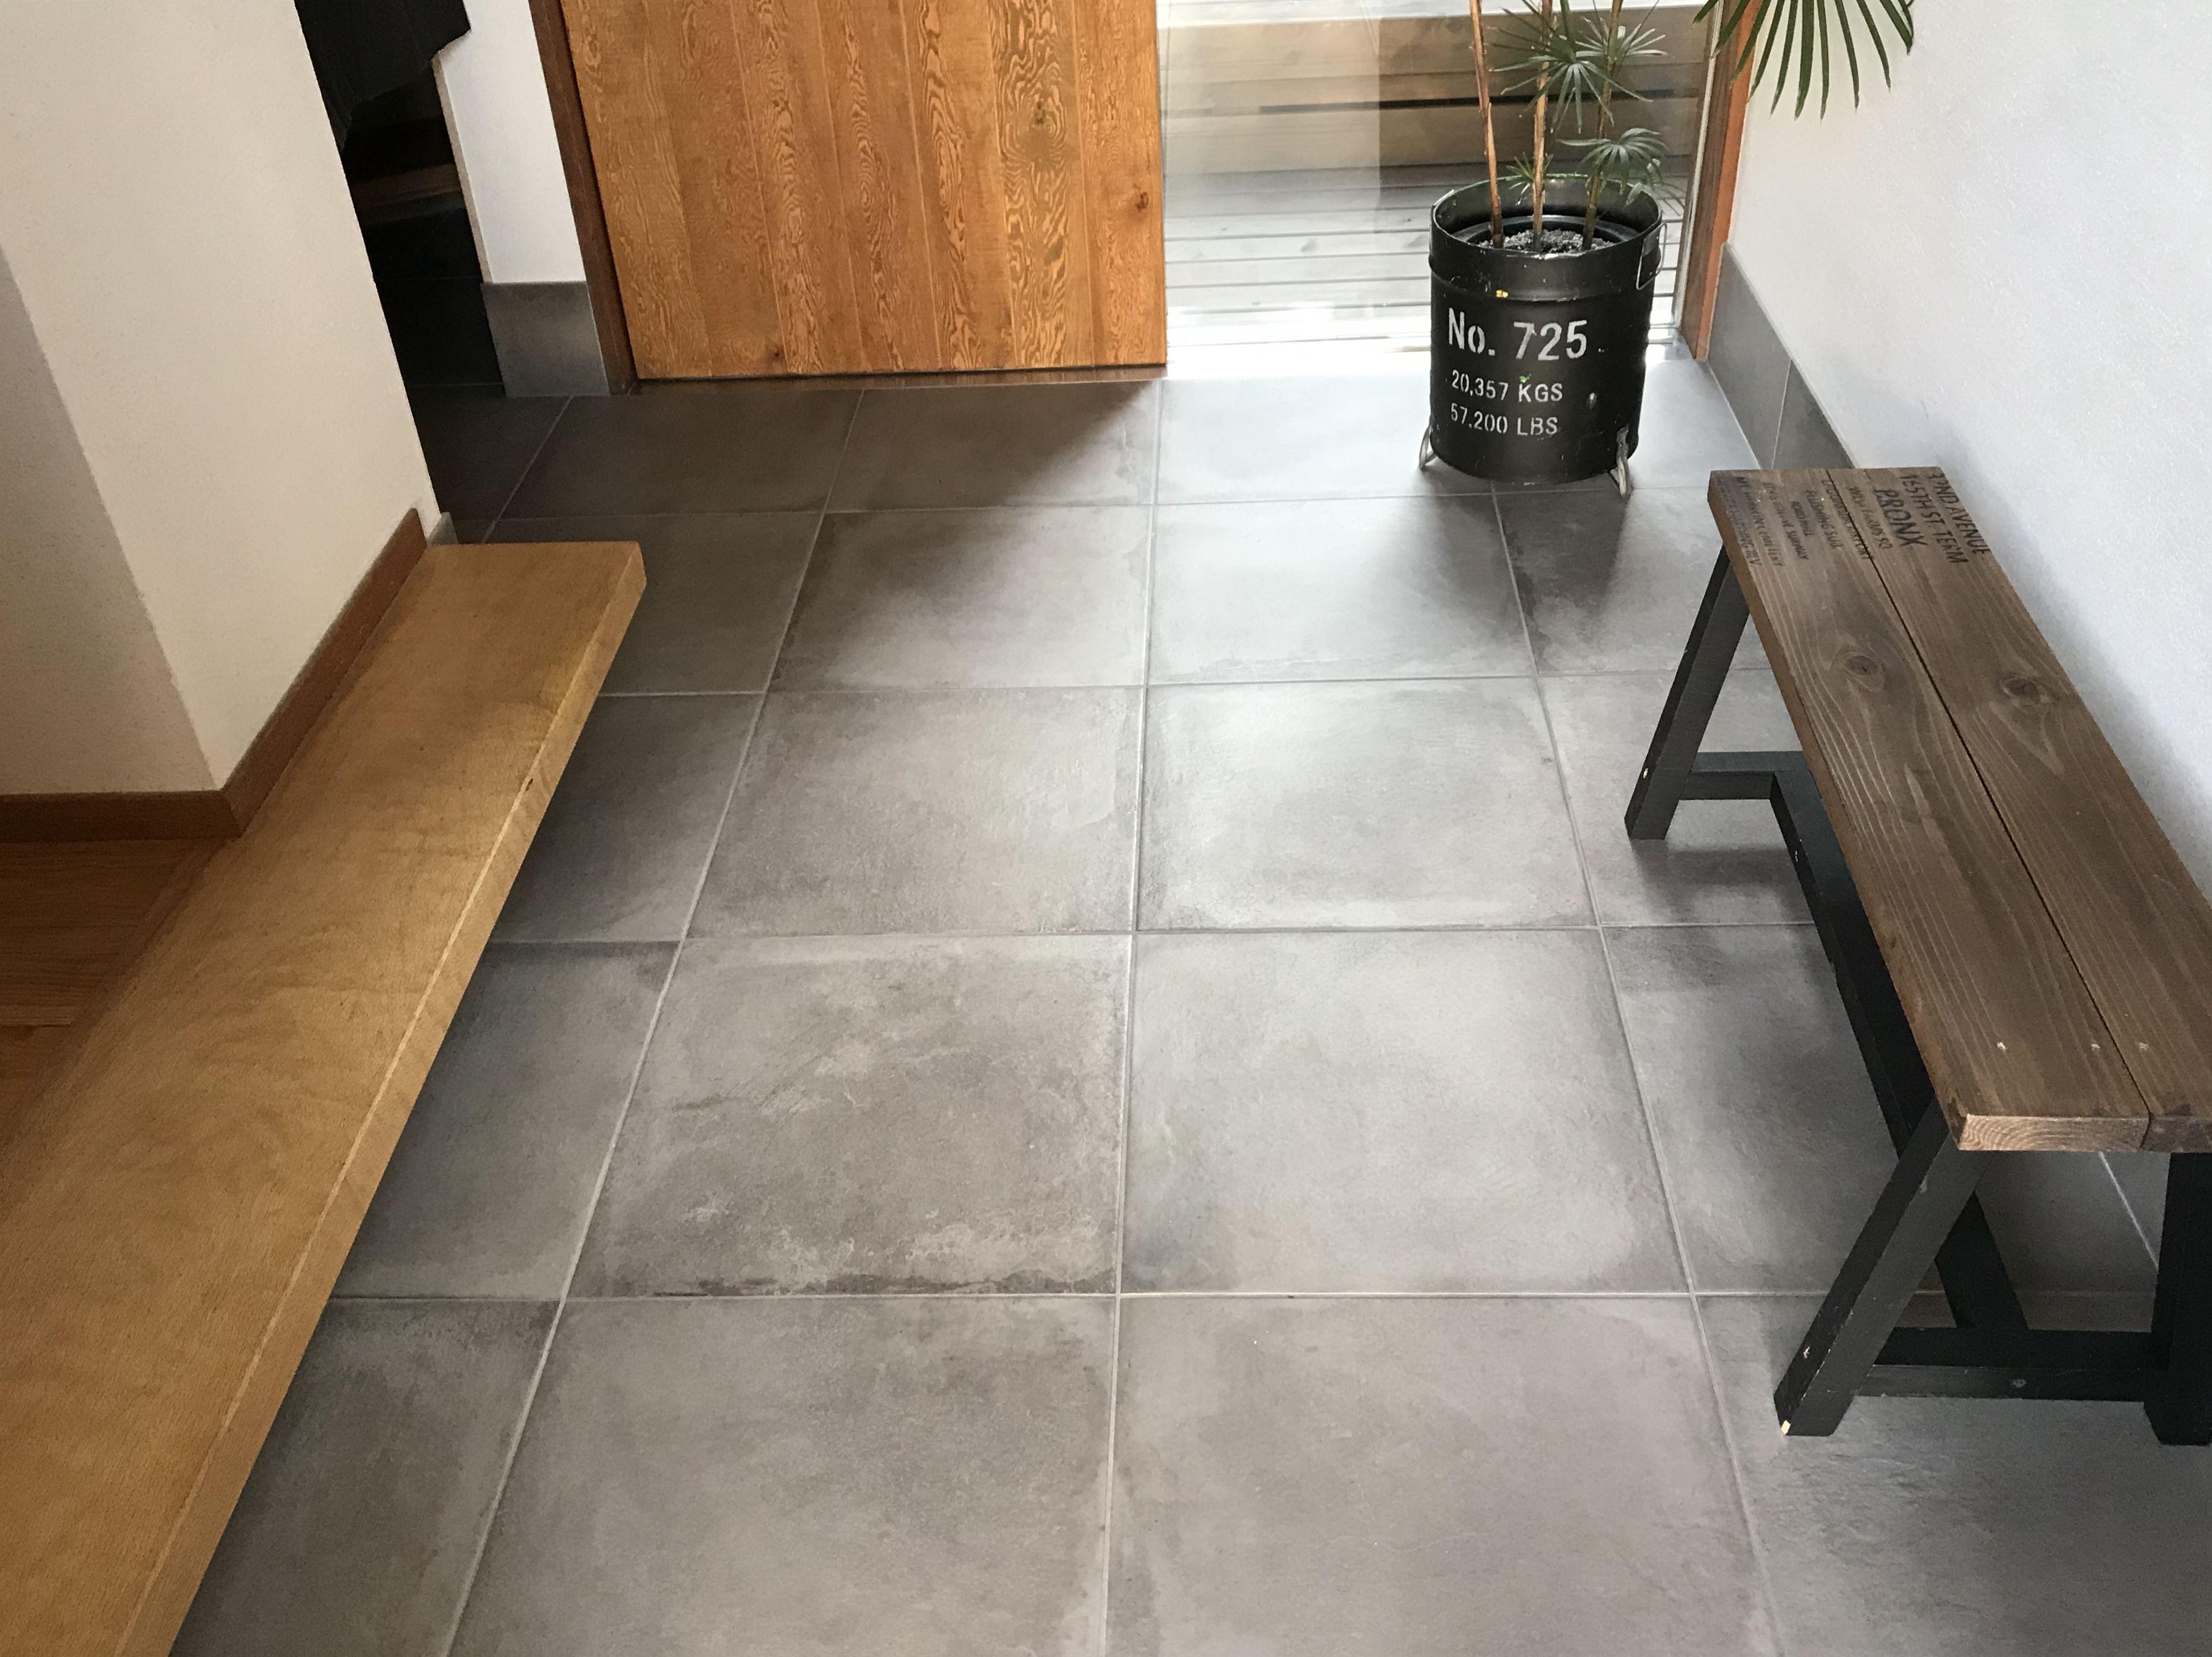 玄関の床材にはどんな種類がある モルタル仕上げからタイルに変更した